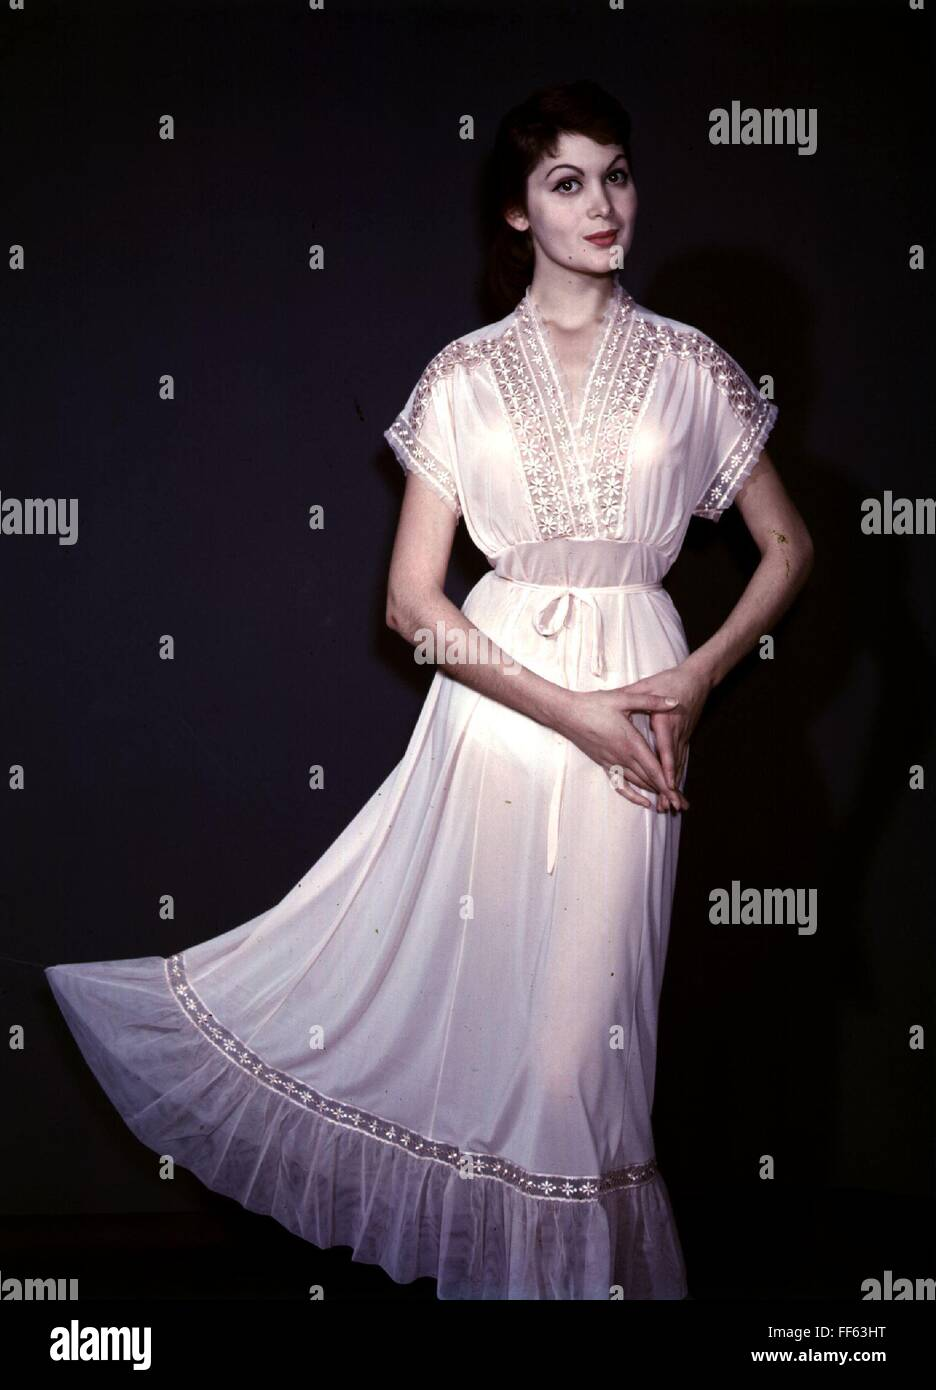 La mode, les années 1950, la mode des dames, femme portant chemise blanche, , Additional-Rights-Clearences Photo Stock